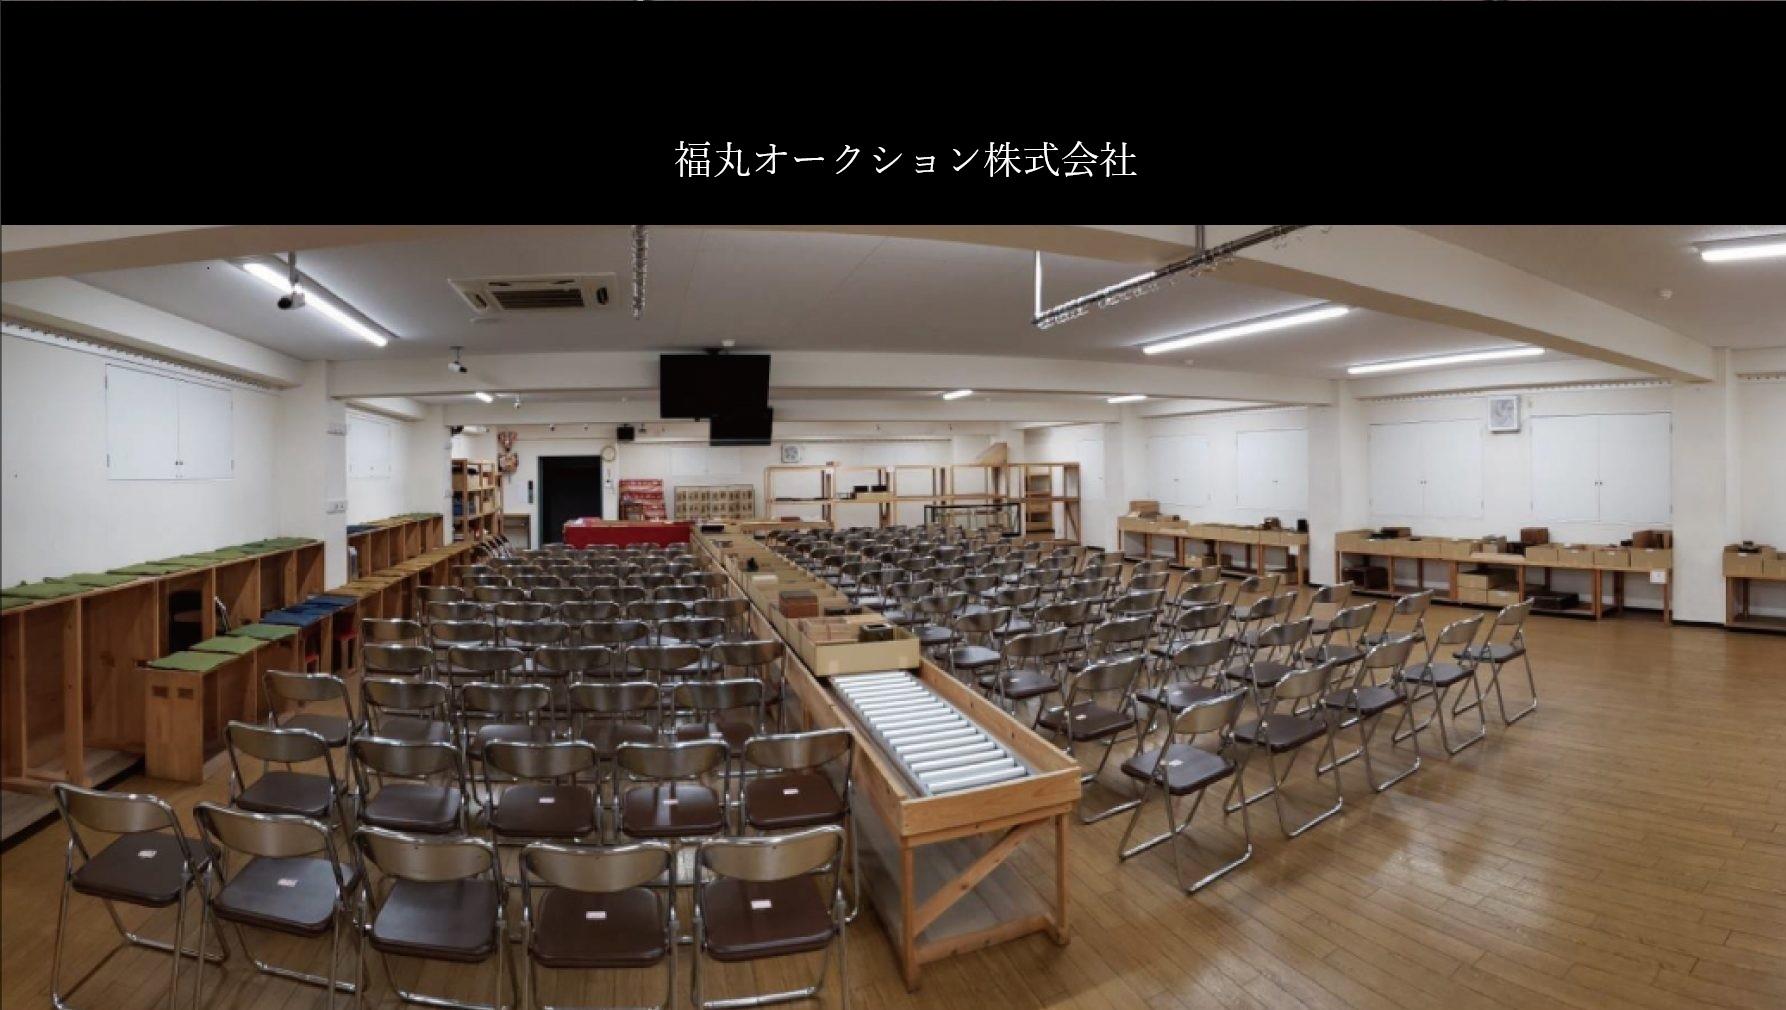 福丸オークション株式会社